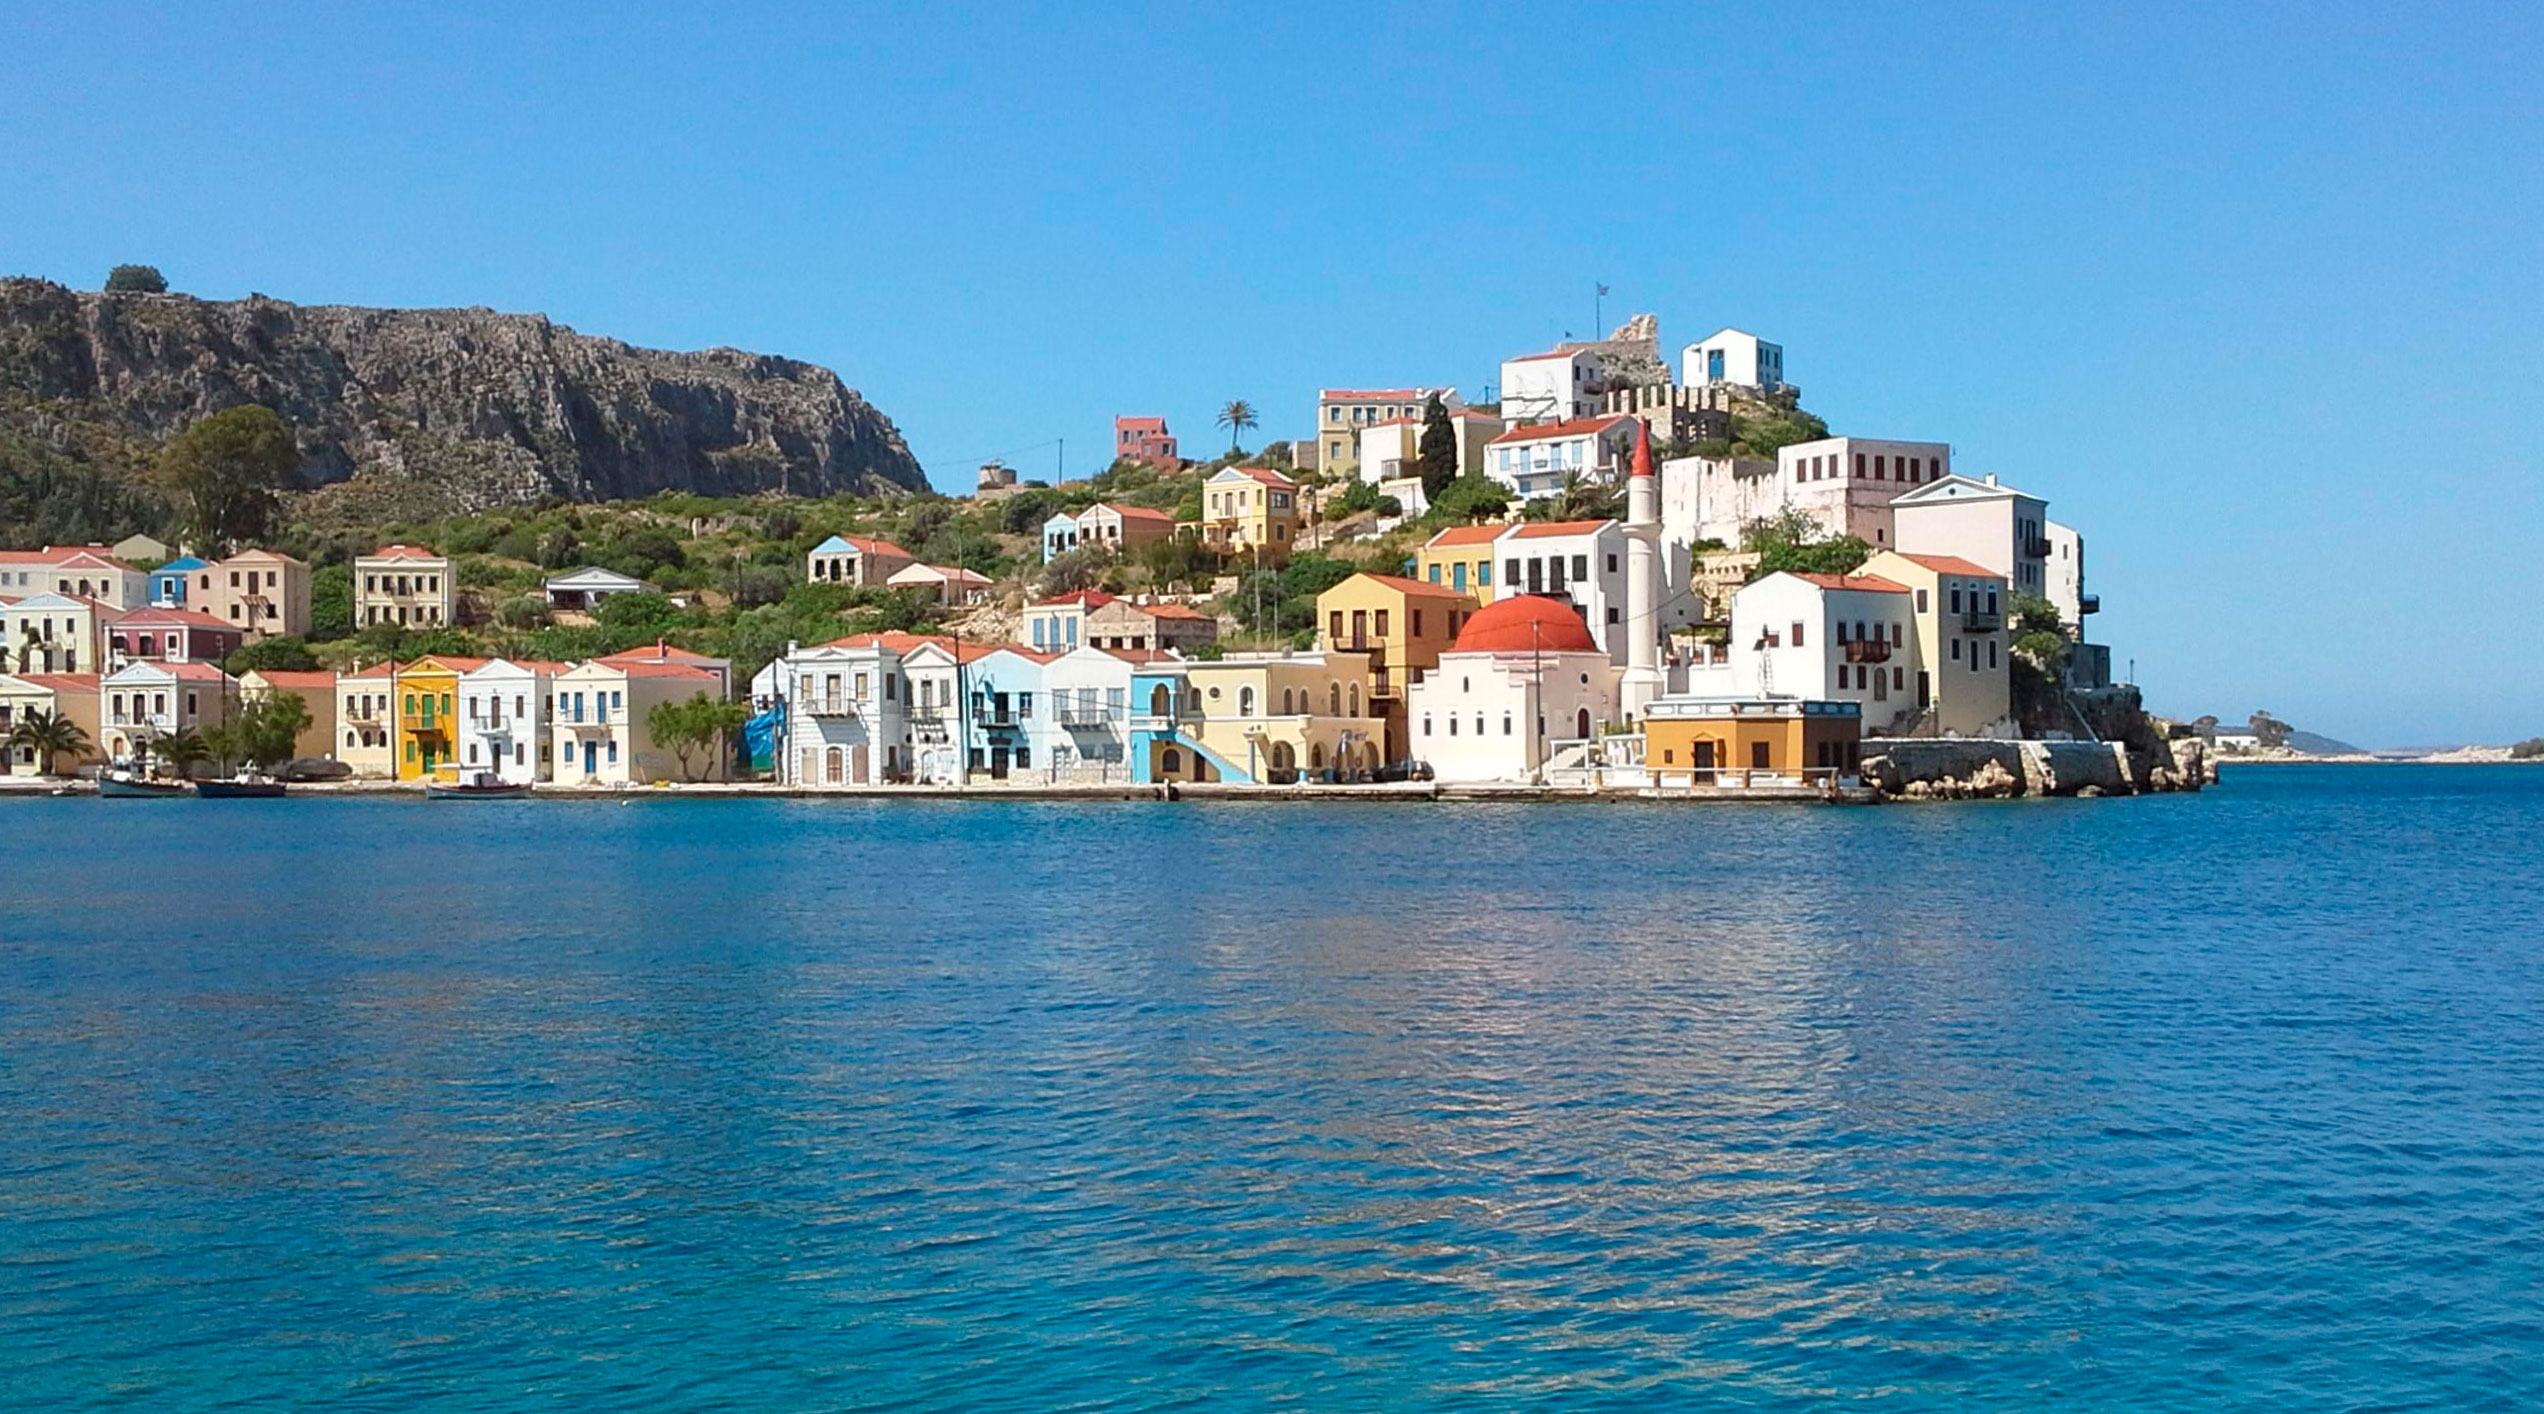 греческий остров Кастелоризо – без визы в 2021 году